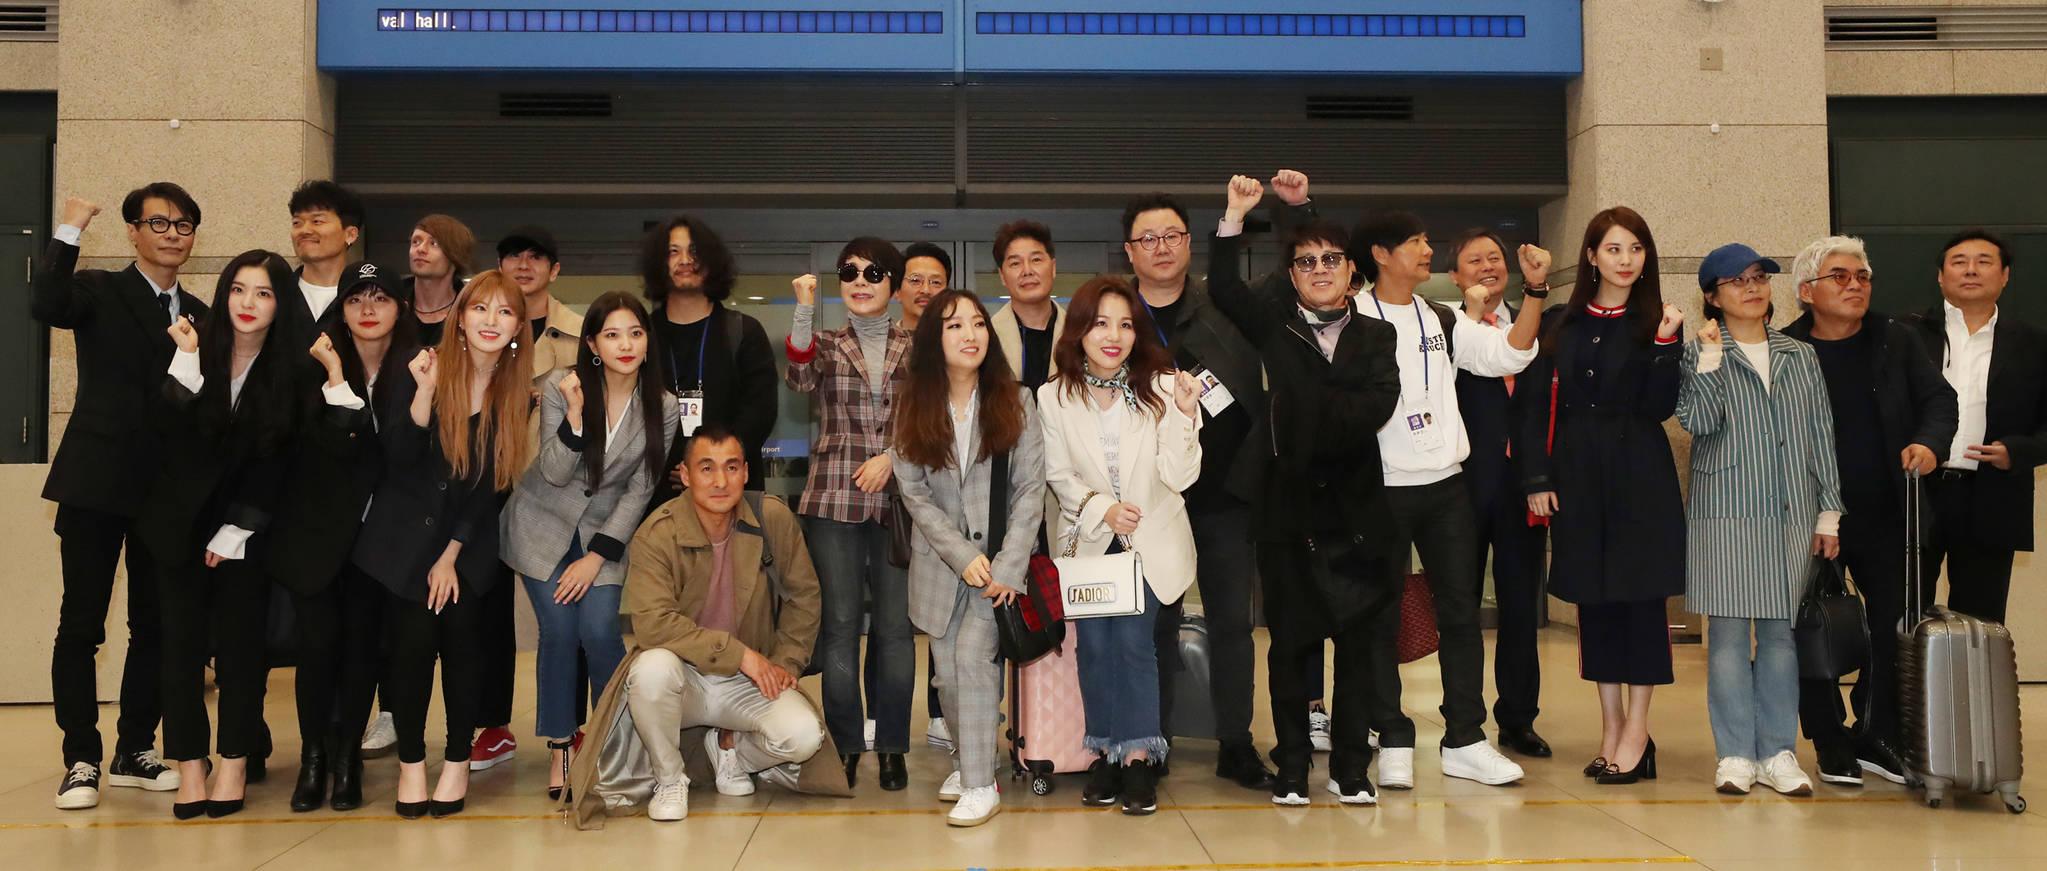 4일 오전 남북평화협력기원 남측예술단이 인천공항에 도착, 기자회견을 하고 있다. [평양공연 사진공동취재단]